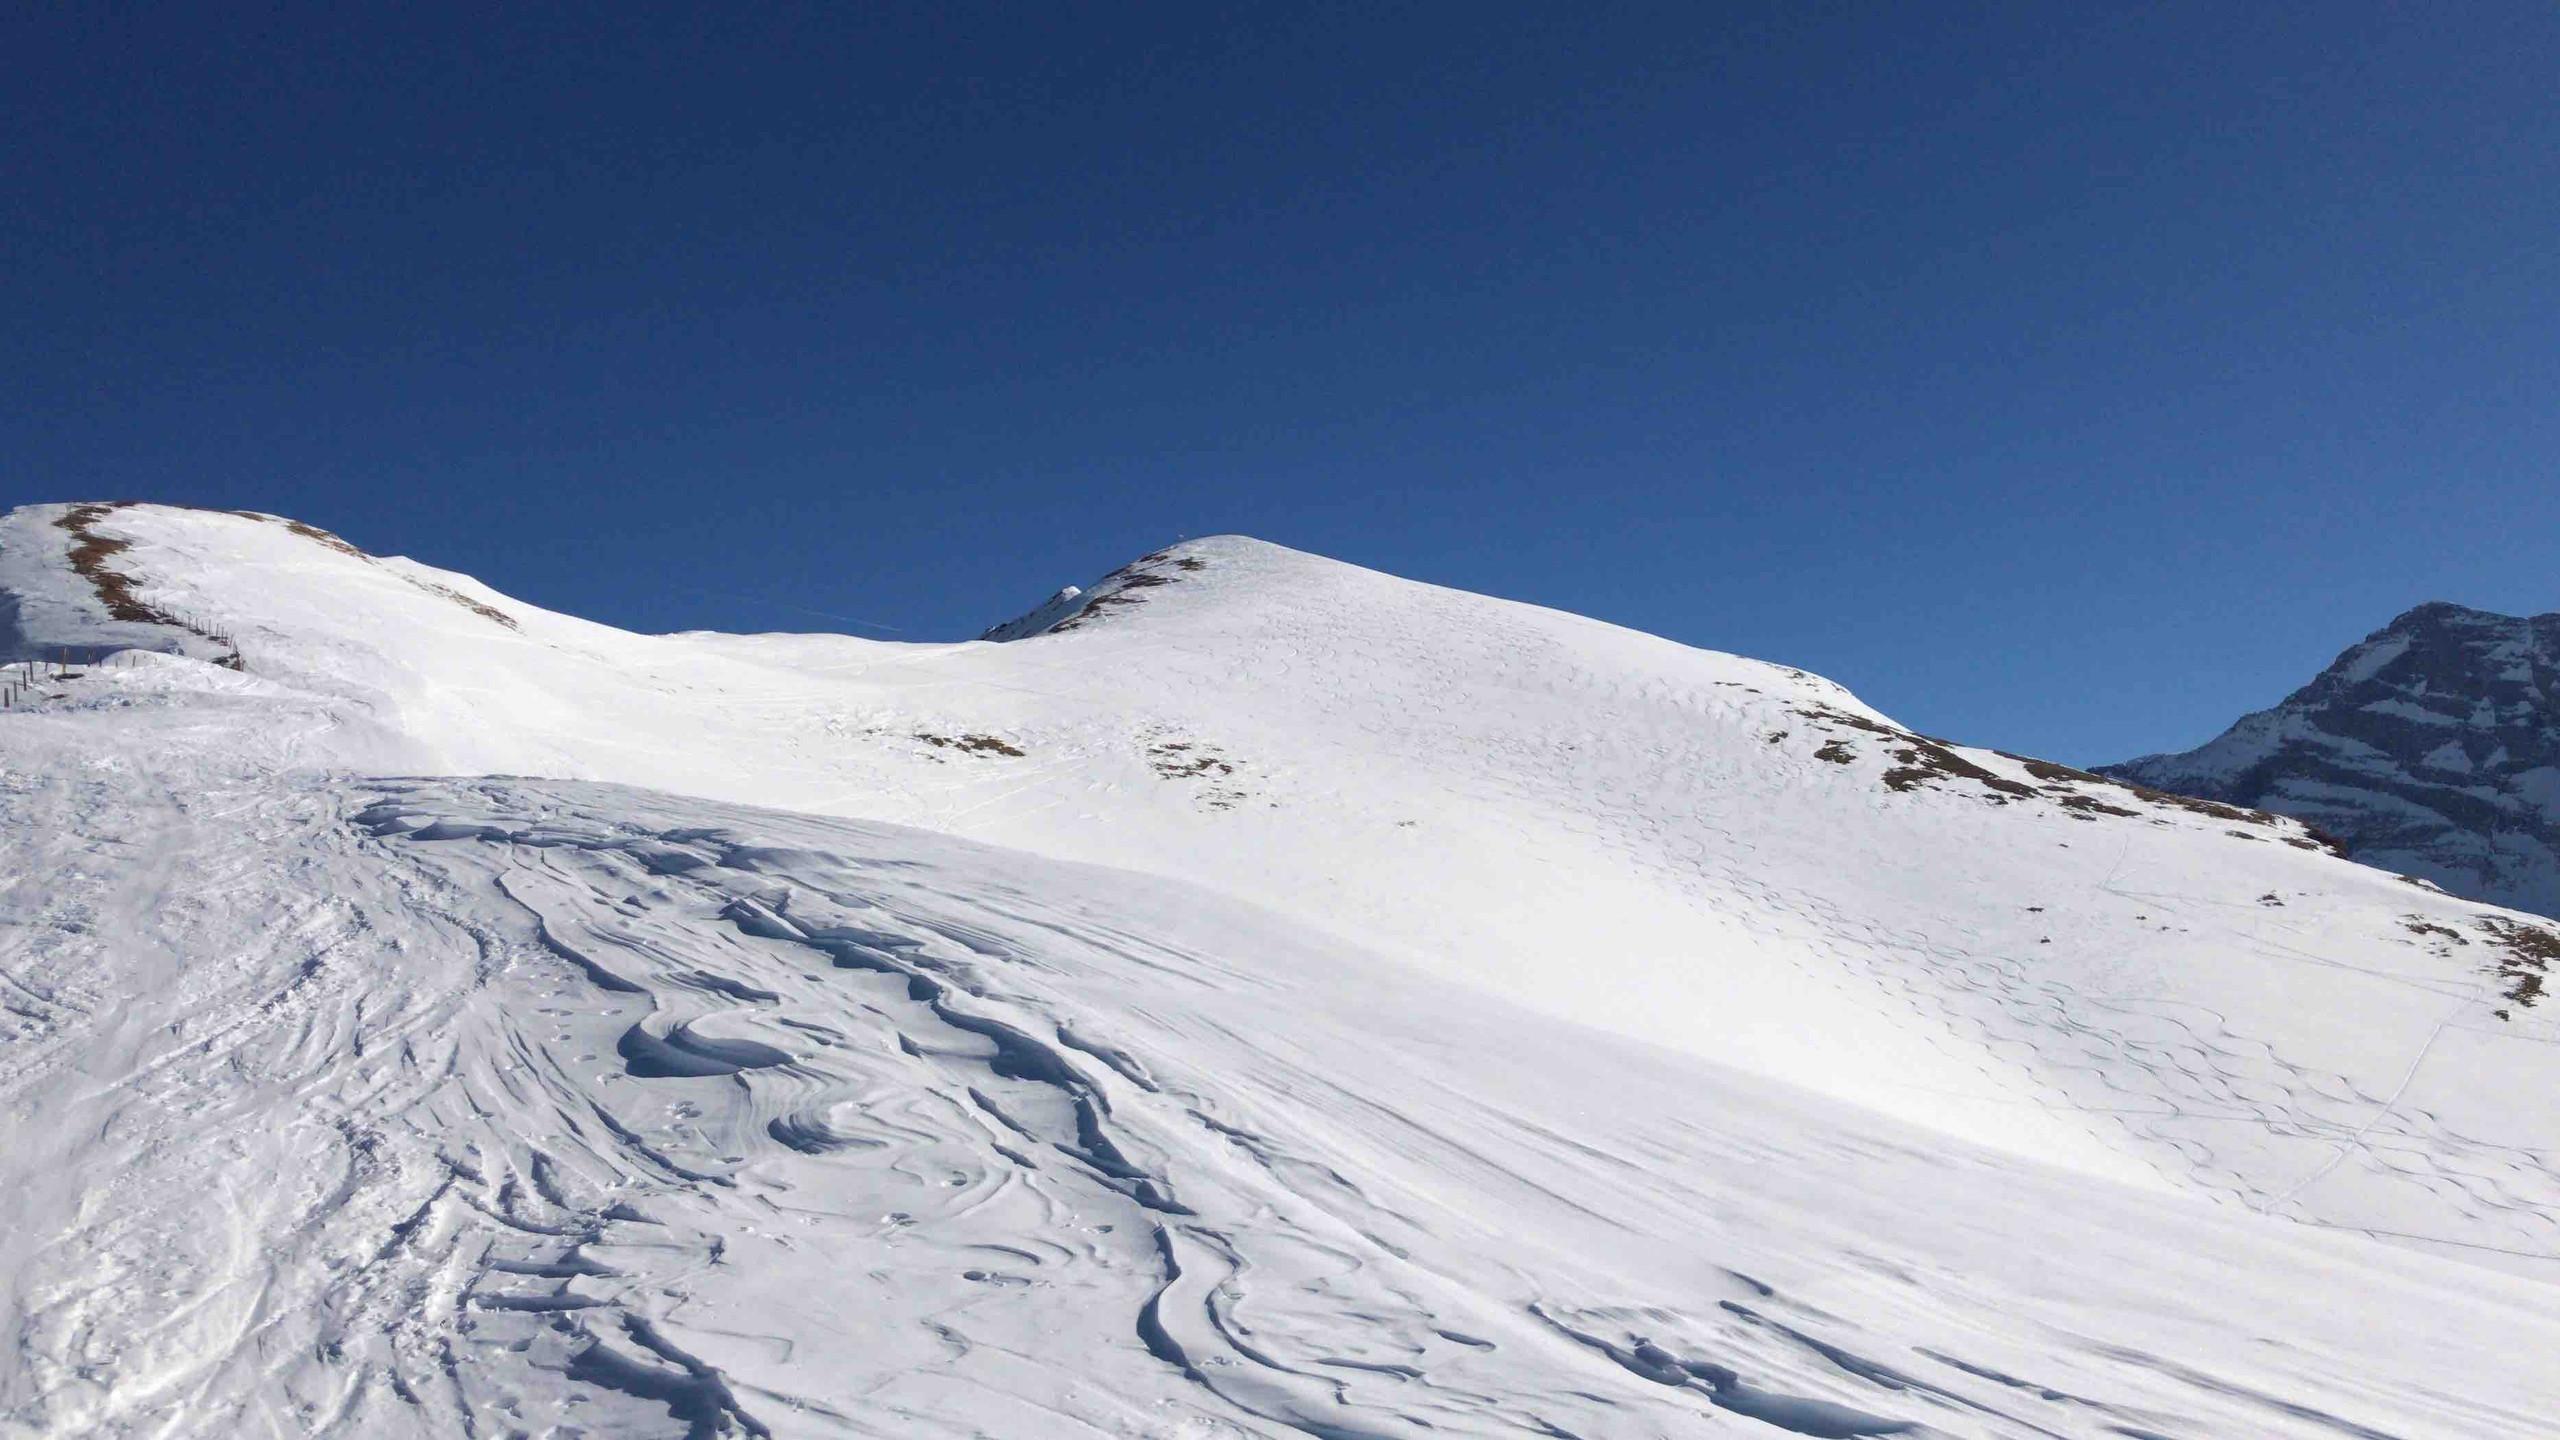 Letzter Aufstieg, Skitour Riepenspitze